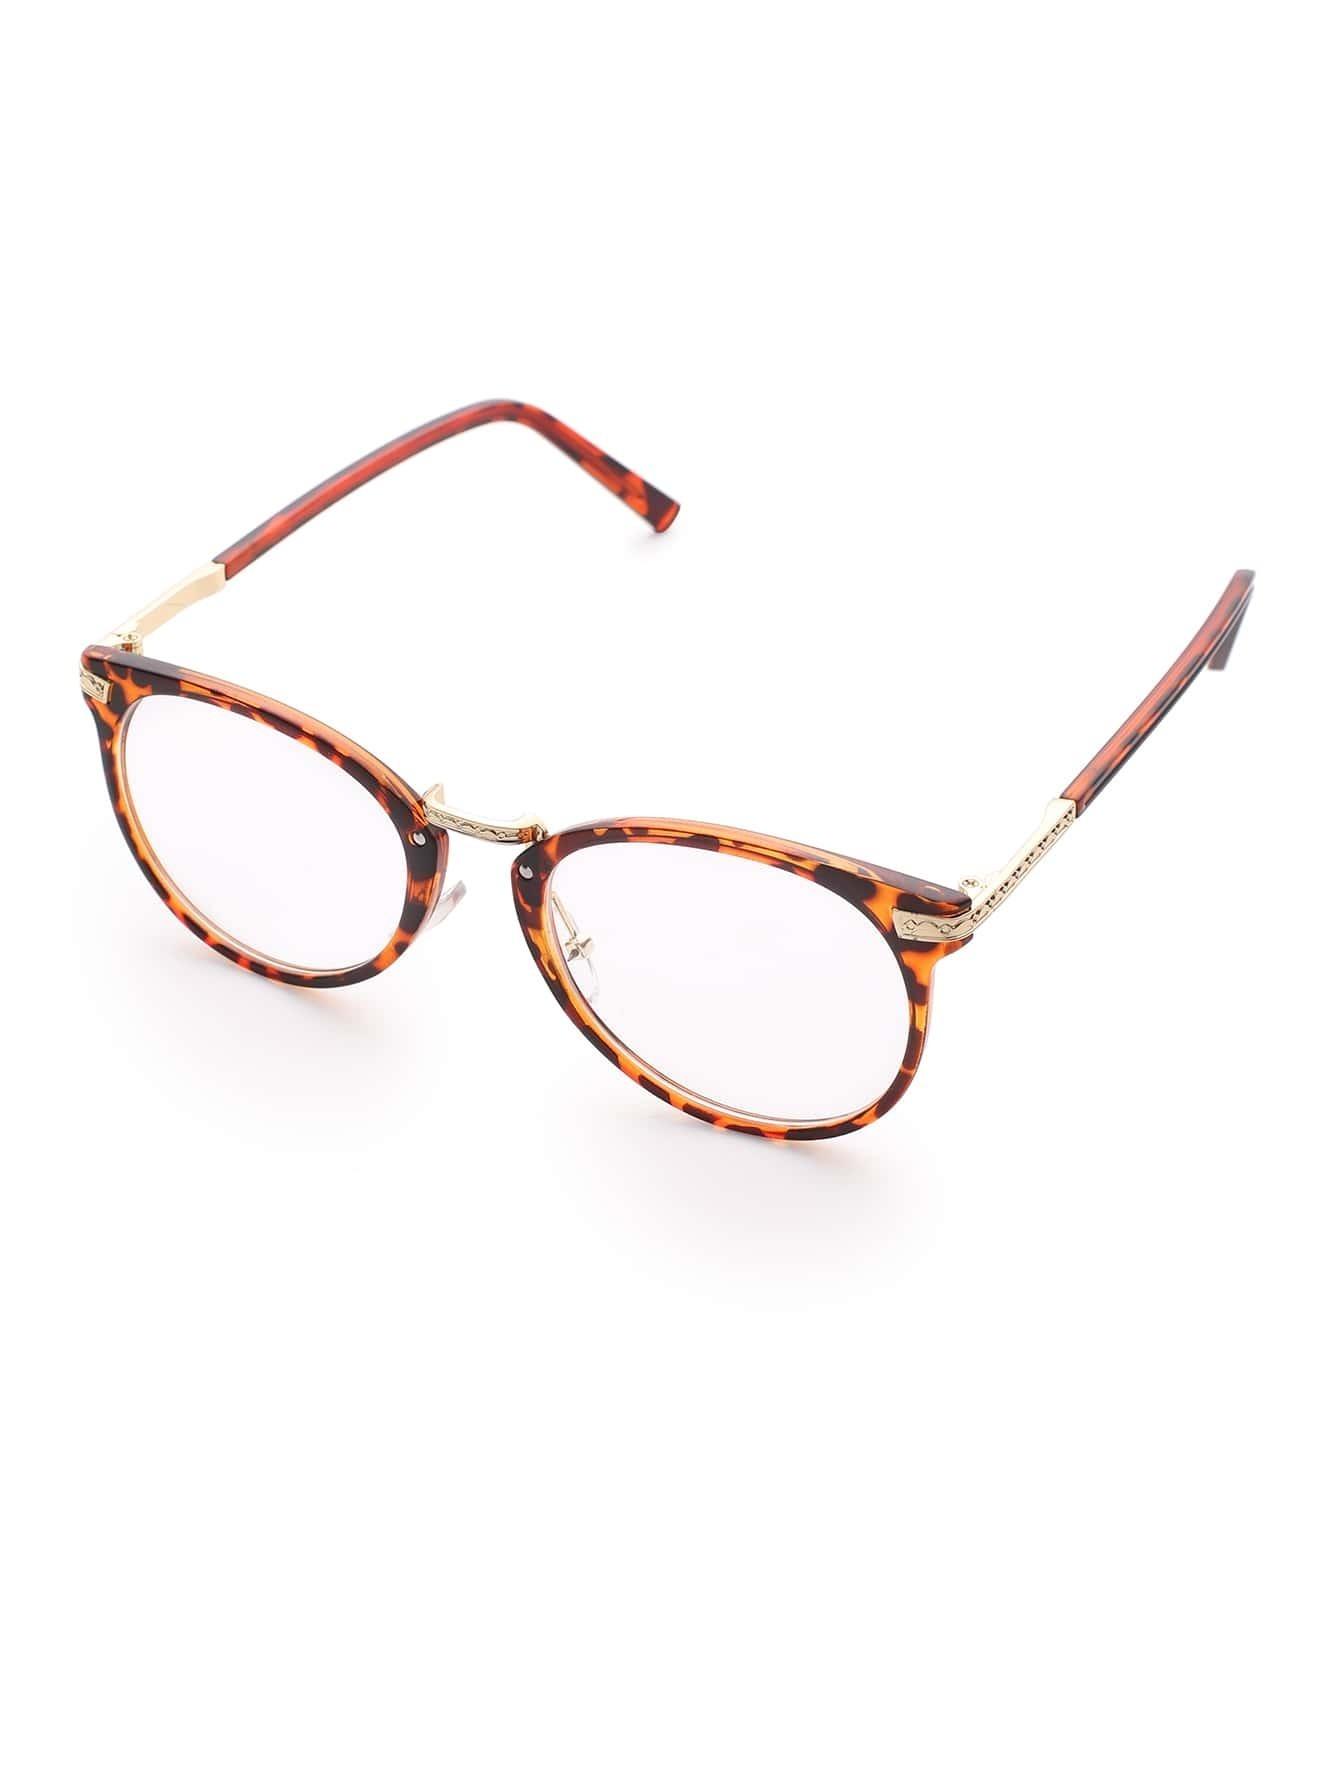 Leopard Frame Metal Arm Clear Lens Glasses